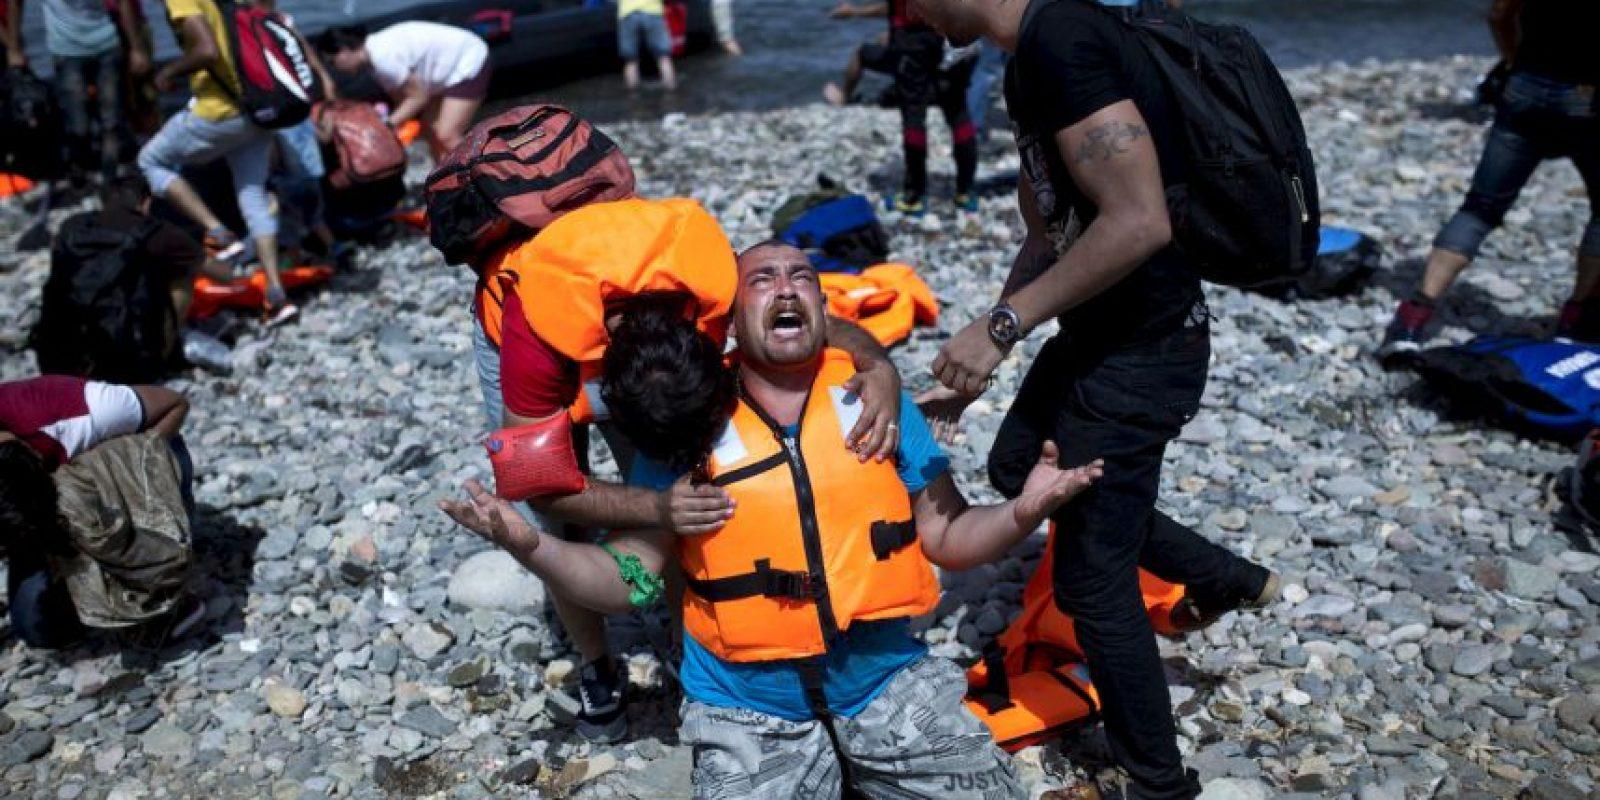 Le sigue Francia con 24 mil 031 refugiados. Foto:AFP